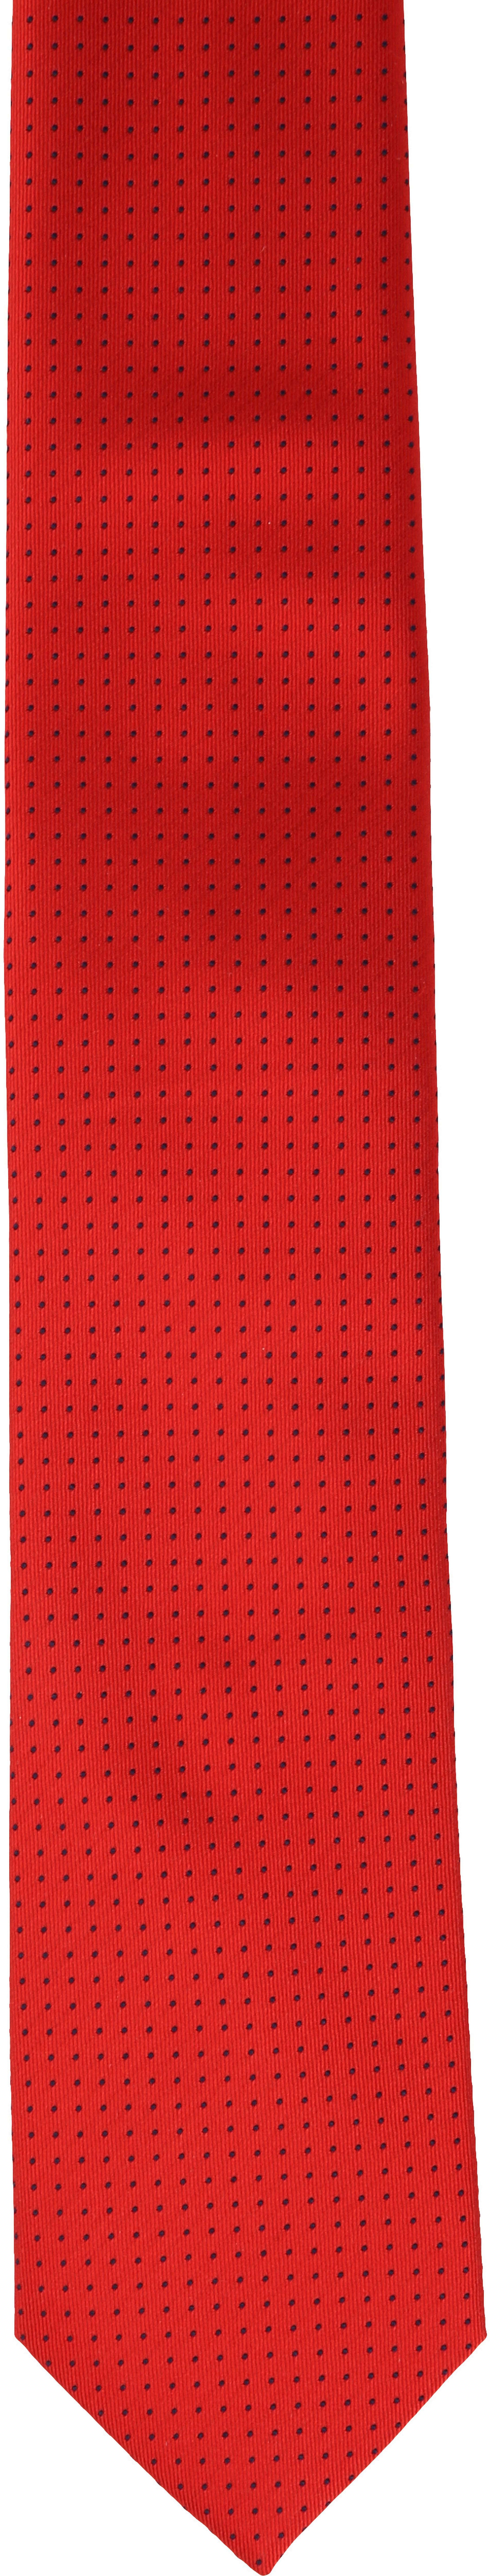 Silk Tie Dots Red foto 2